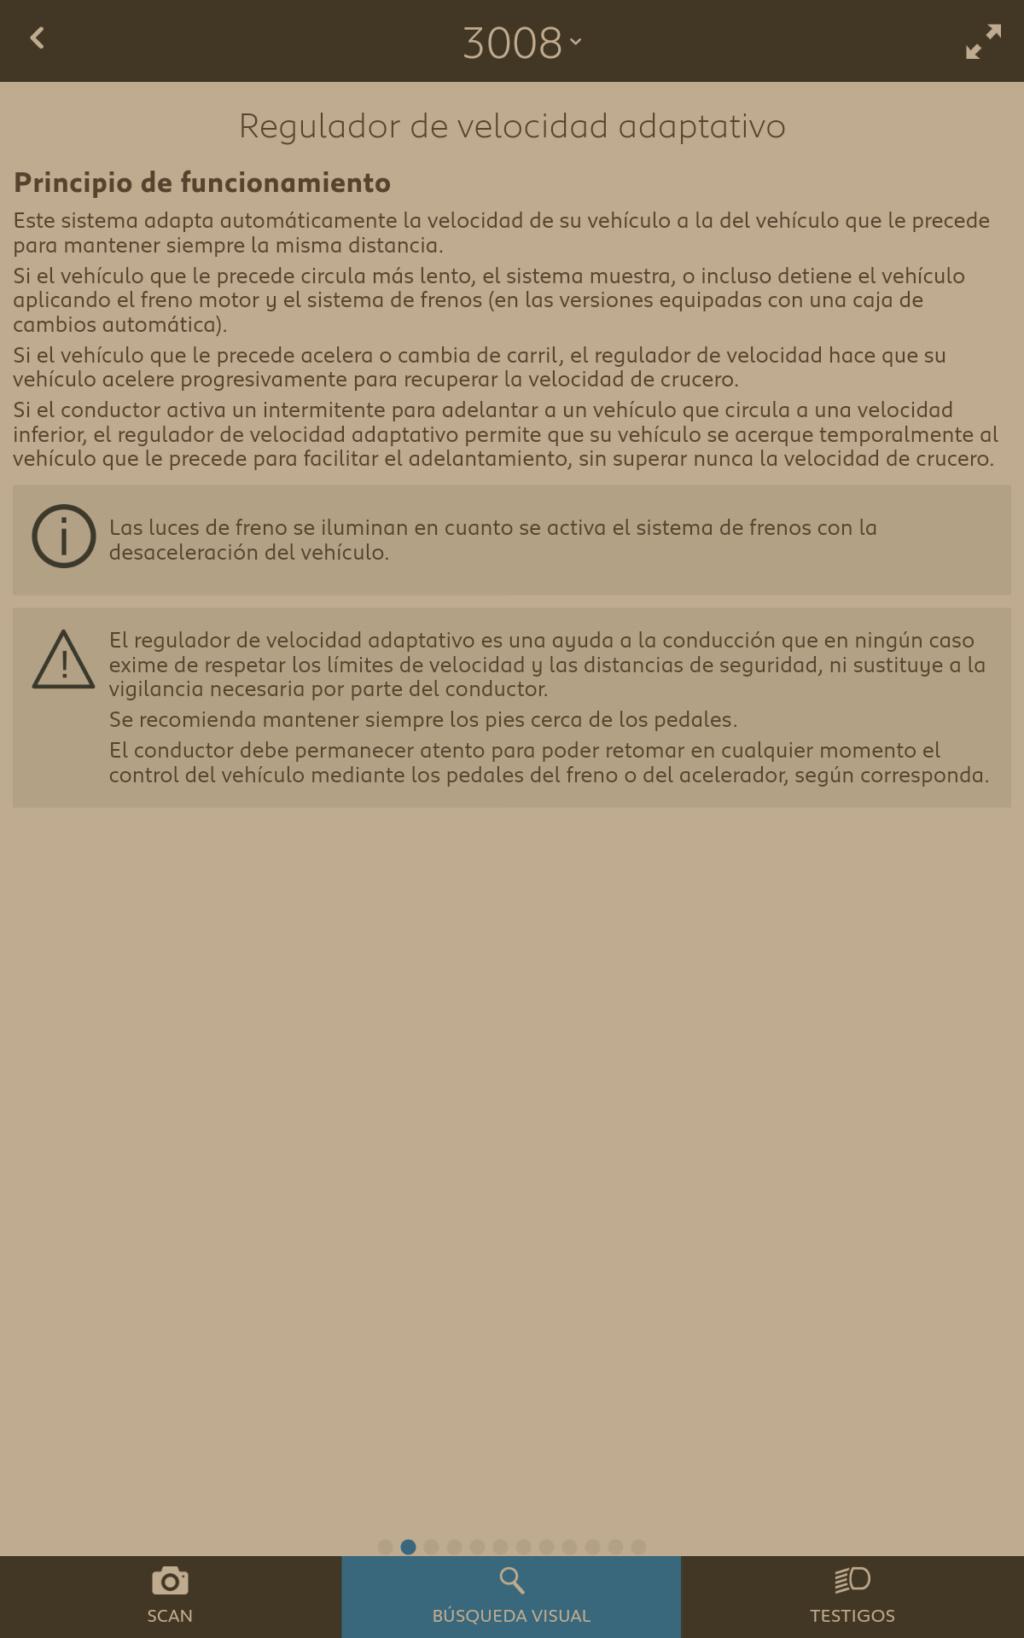 Control de velocidad adaptativo con función stop. Comportamiento extraño o duda sobre comportamiento. - Página 2 Screen10